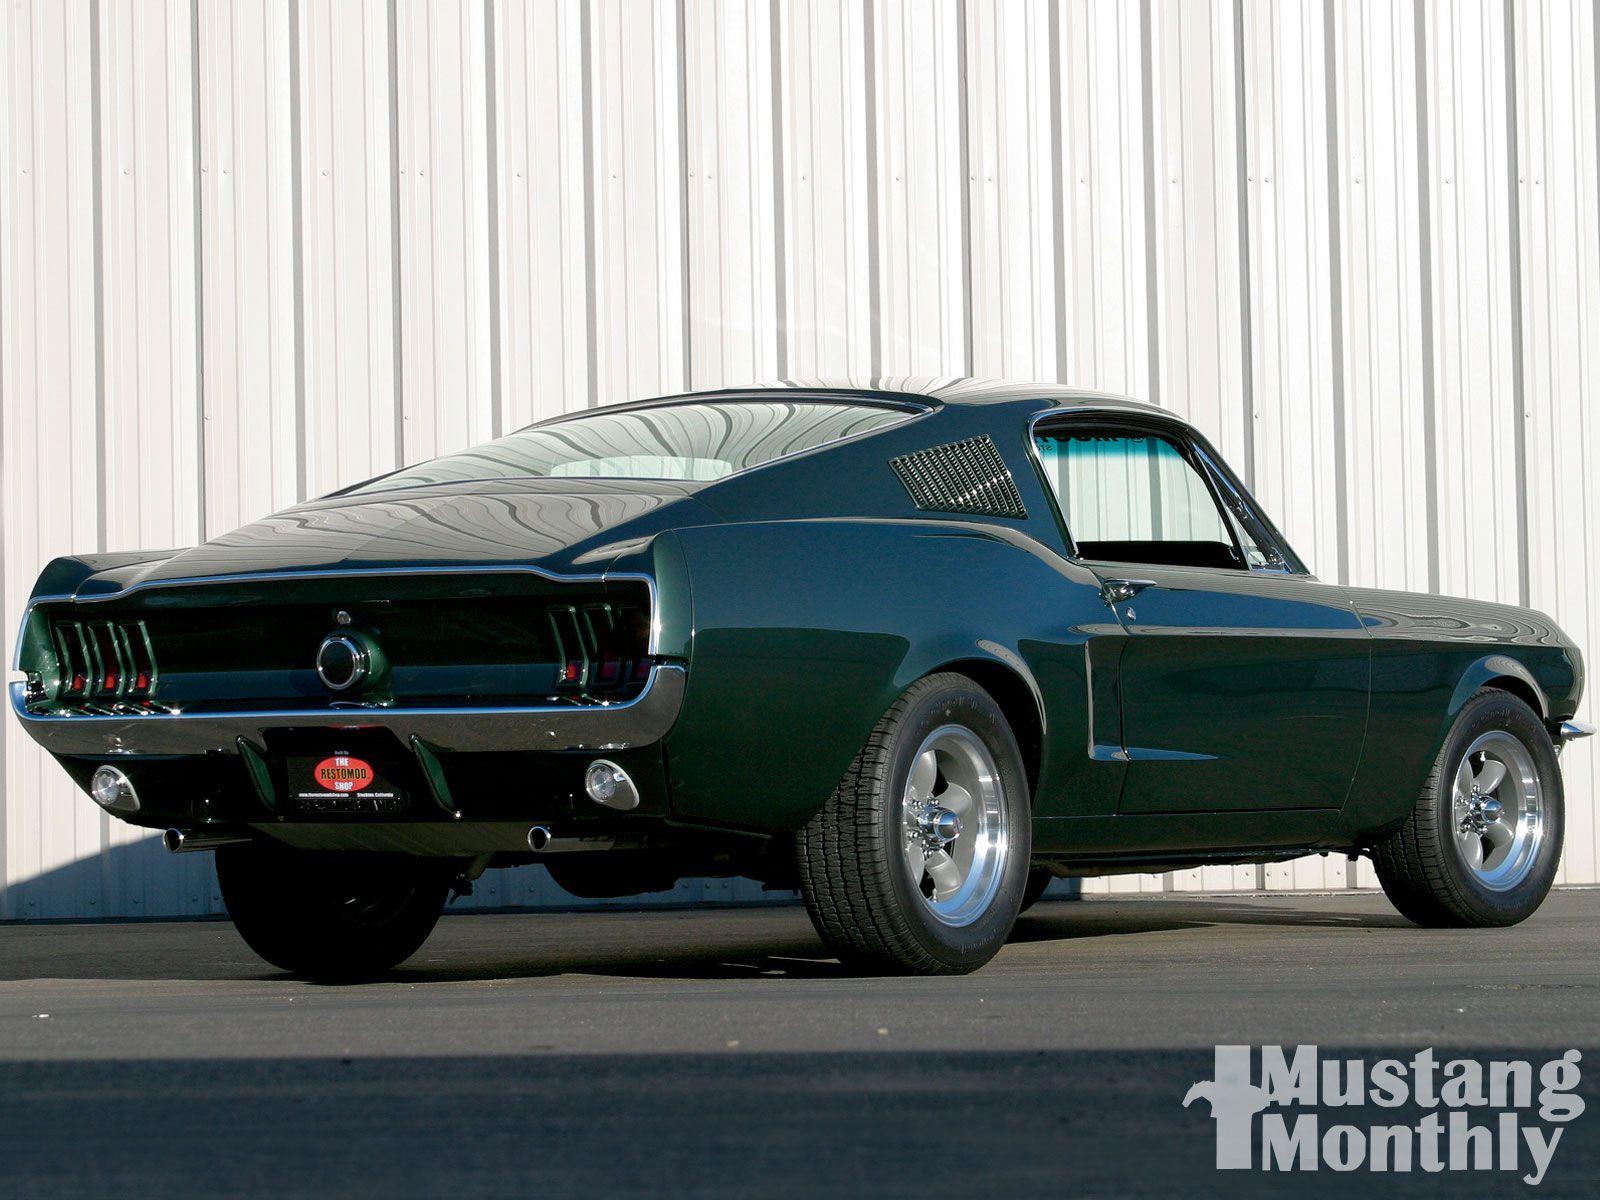 1968 Mustang Fastback Bullitt Replica If only Steve McQueen was